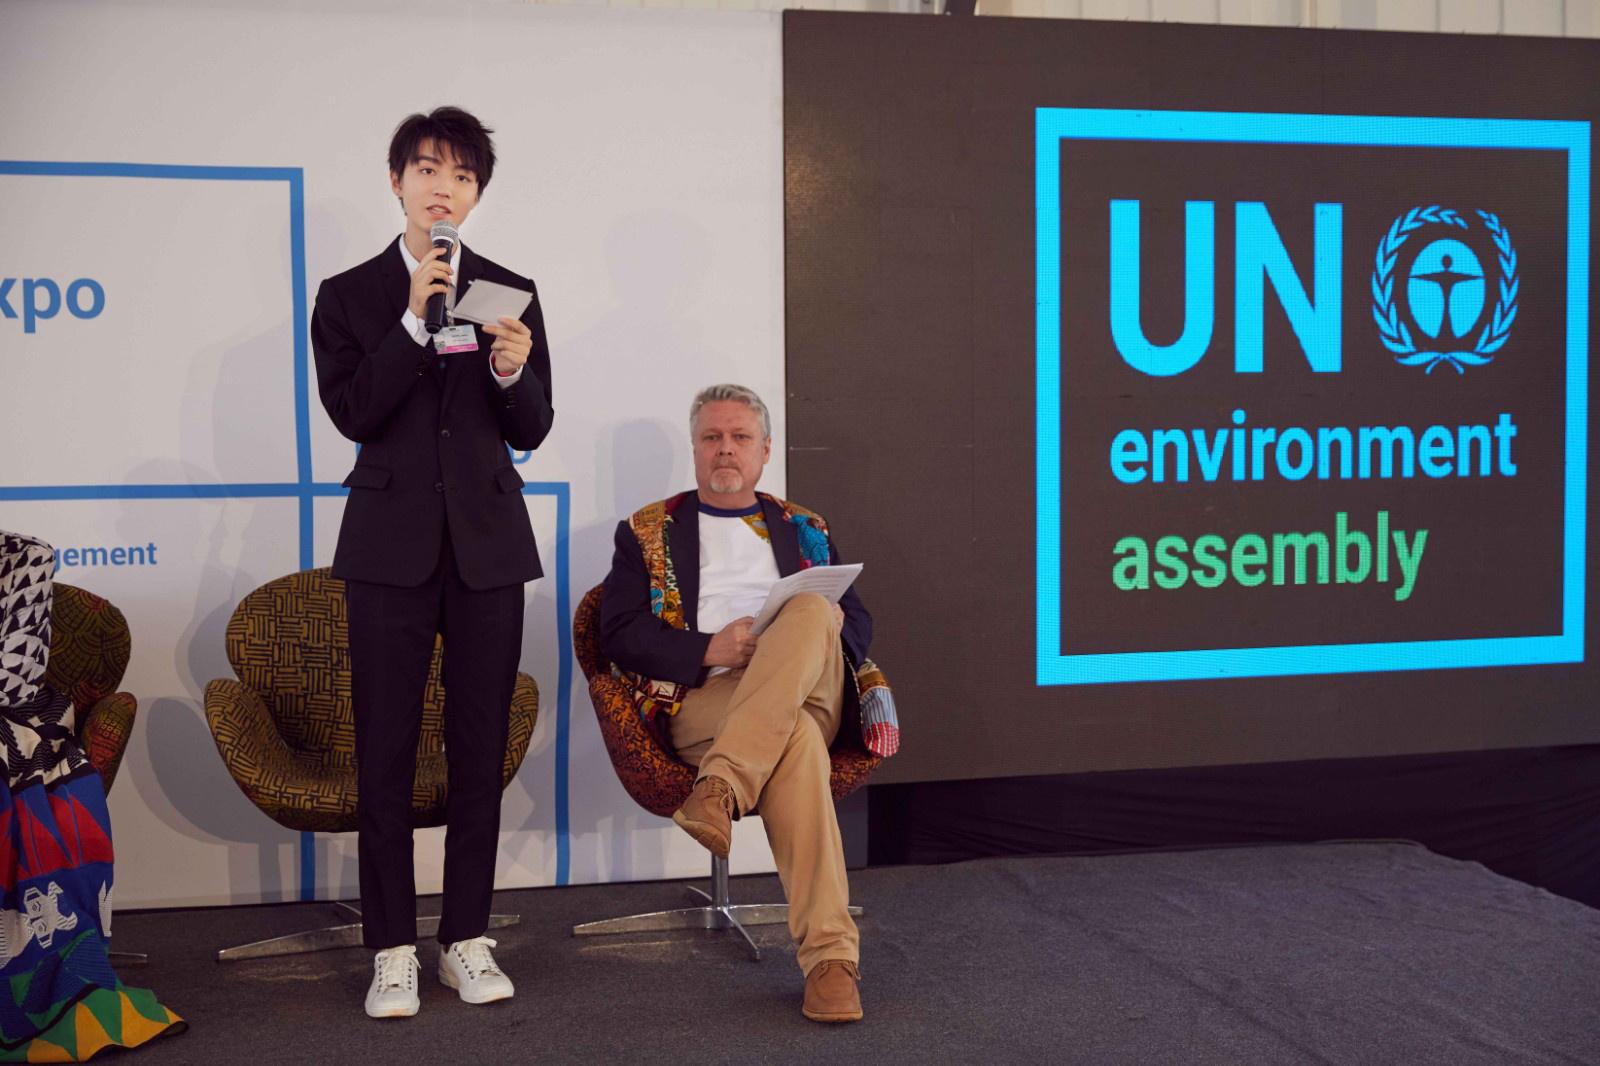 王俊凯受邀出席联合国会议 全英文演讲为环保发